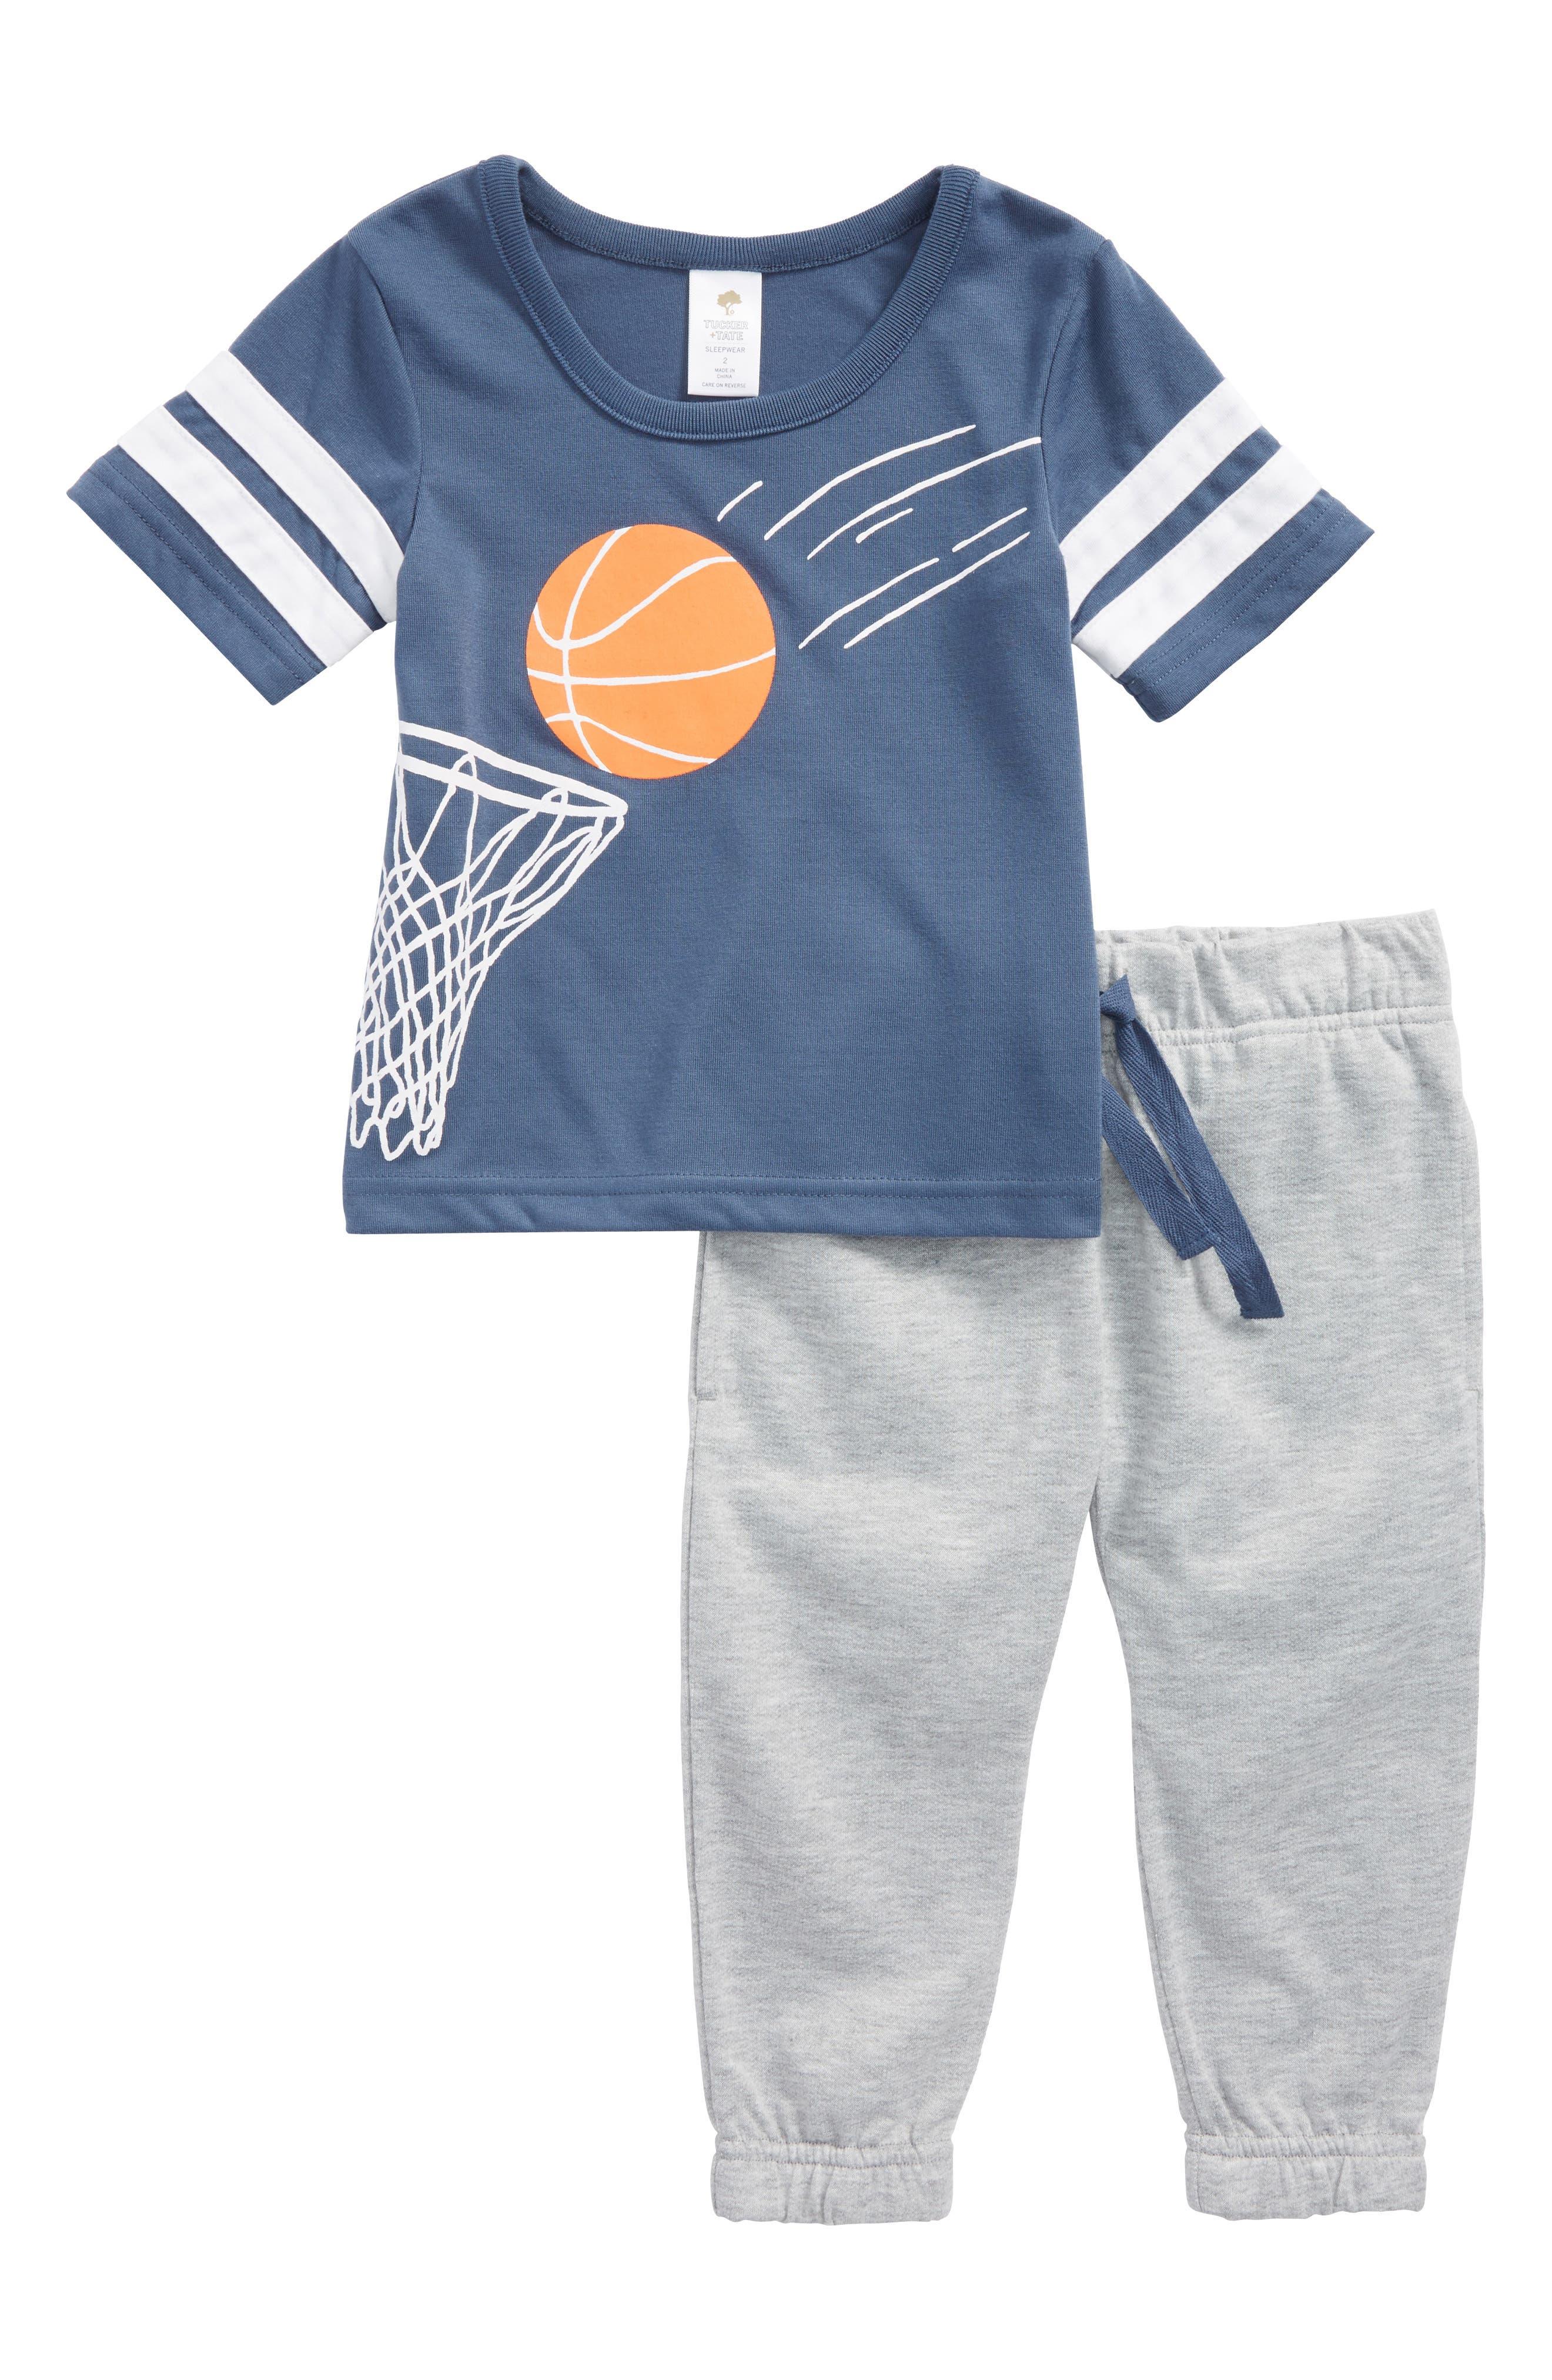 Yum Yum Two-Piece Pajamas,                         Main,                         color, Blue Vintage Basket Swish